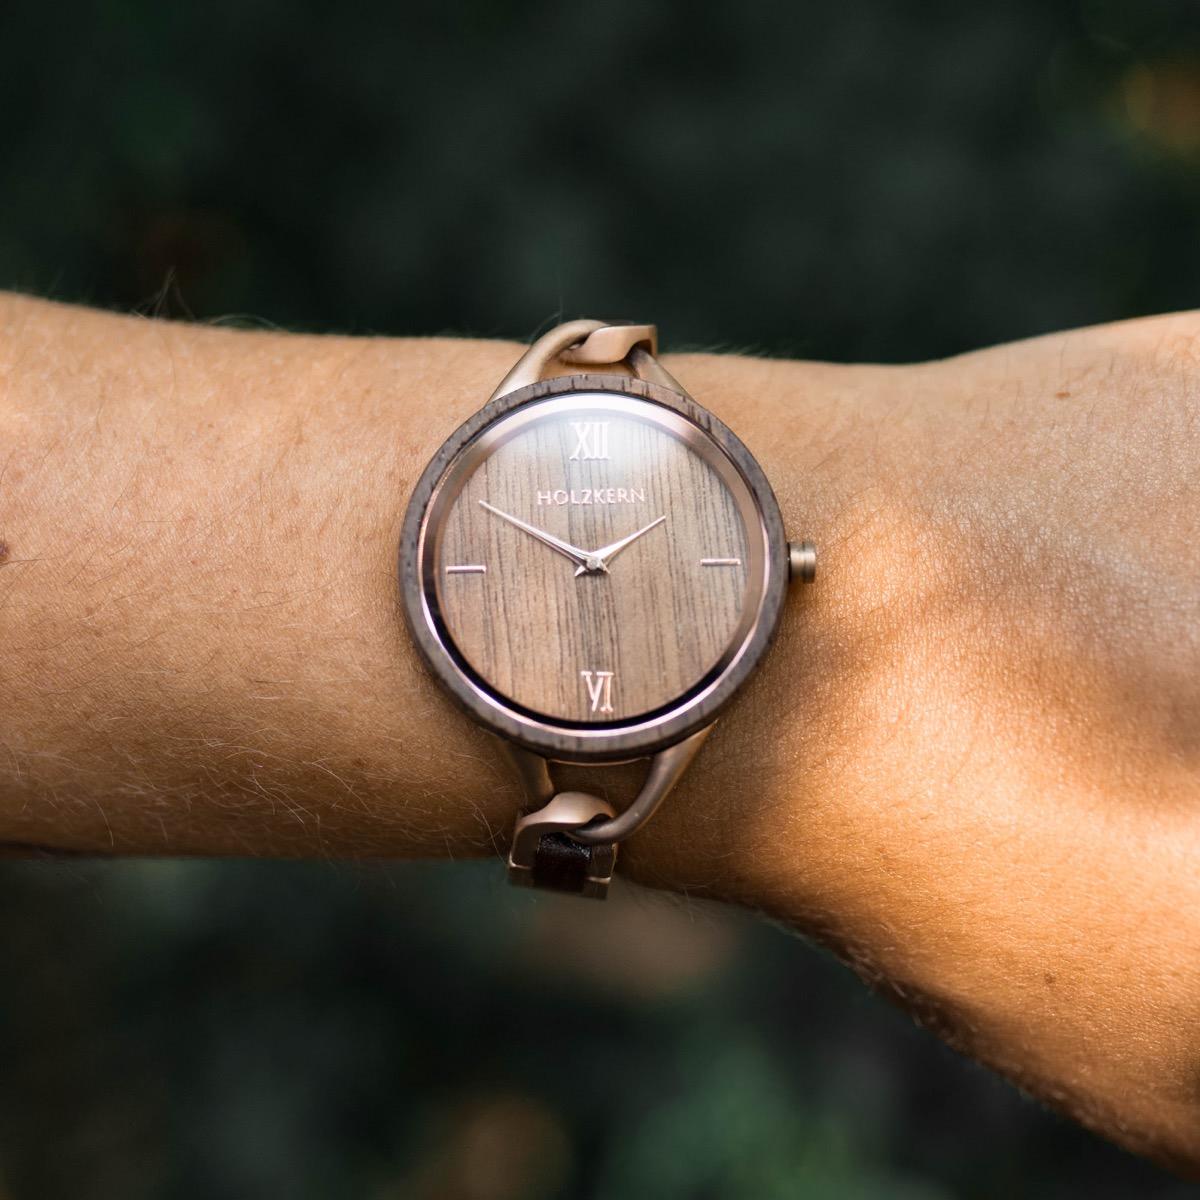 Silk Fiber, a wood watch by Holzkern on a women's wrist